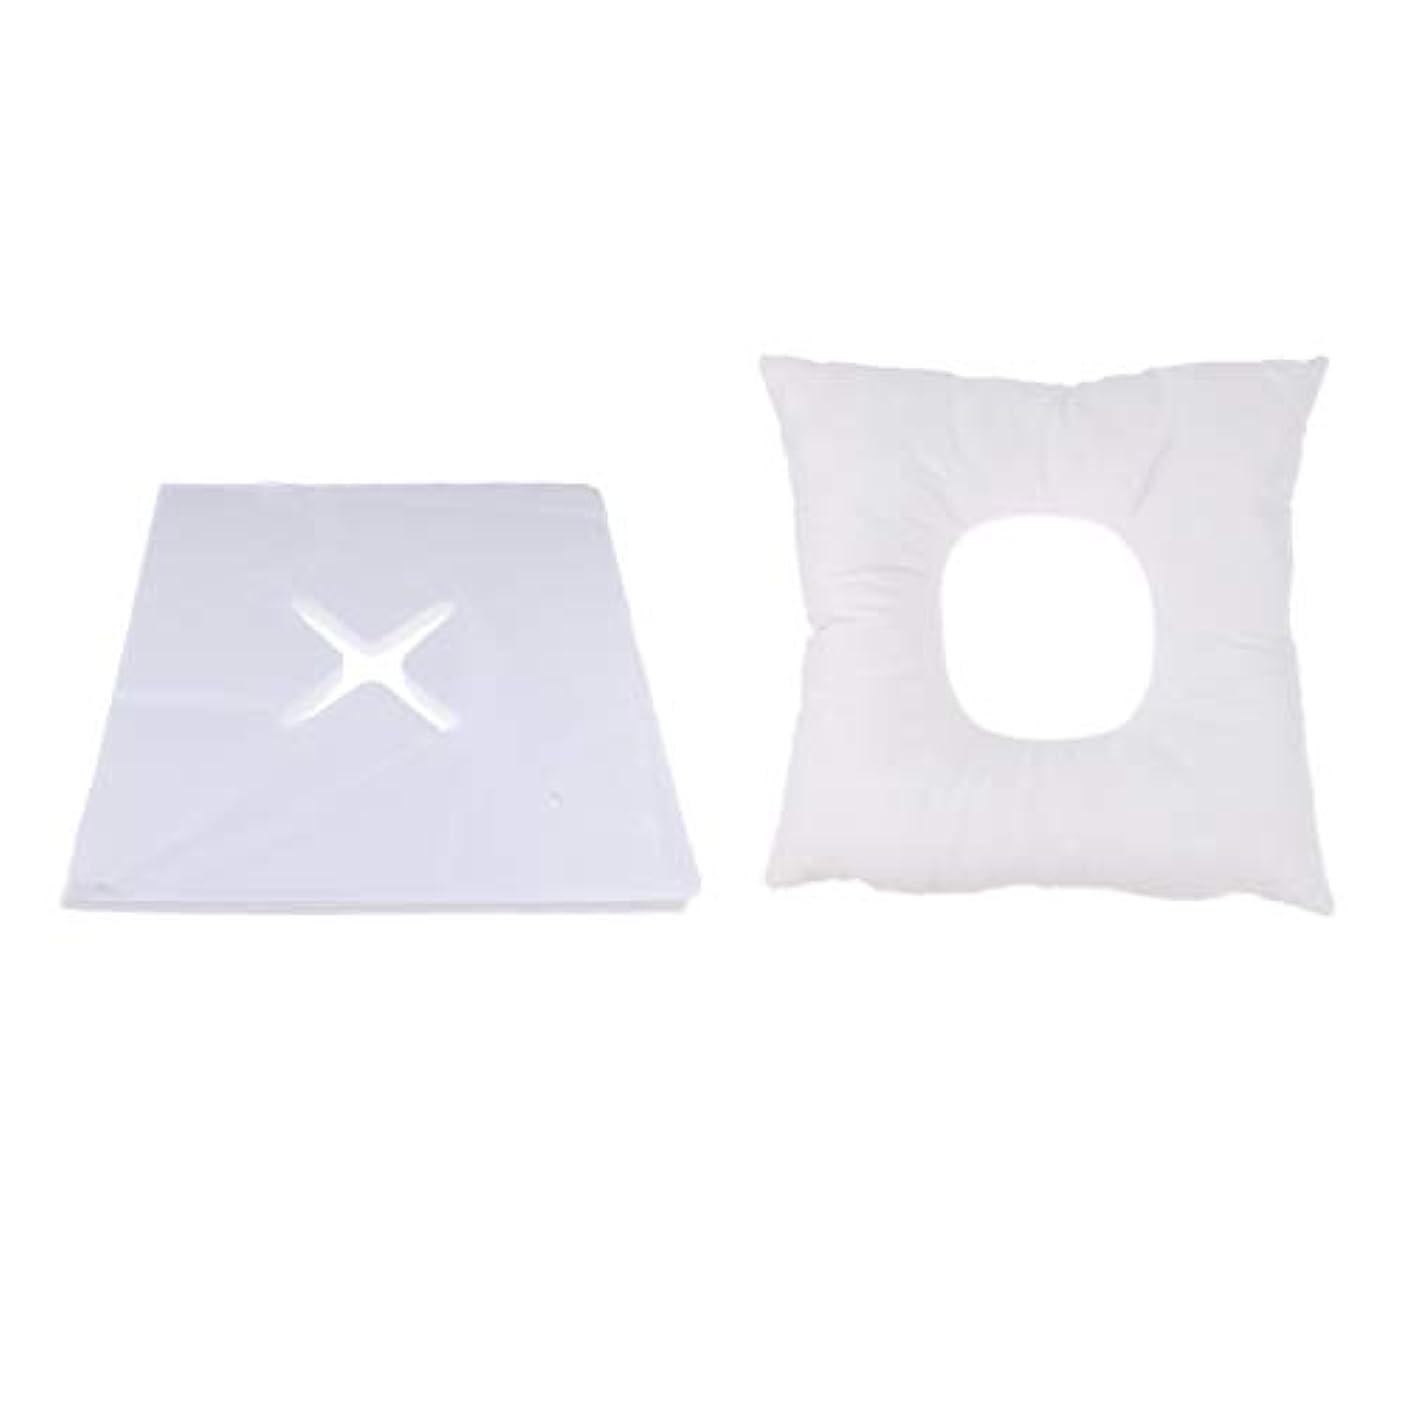 通知する郵便の前でマッサージ枕 顔枕 フェイスマット フェイスピロー 200個使い捨てカバー付 マッサージテーブル用 快適